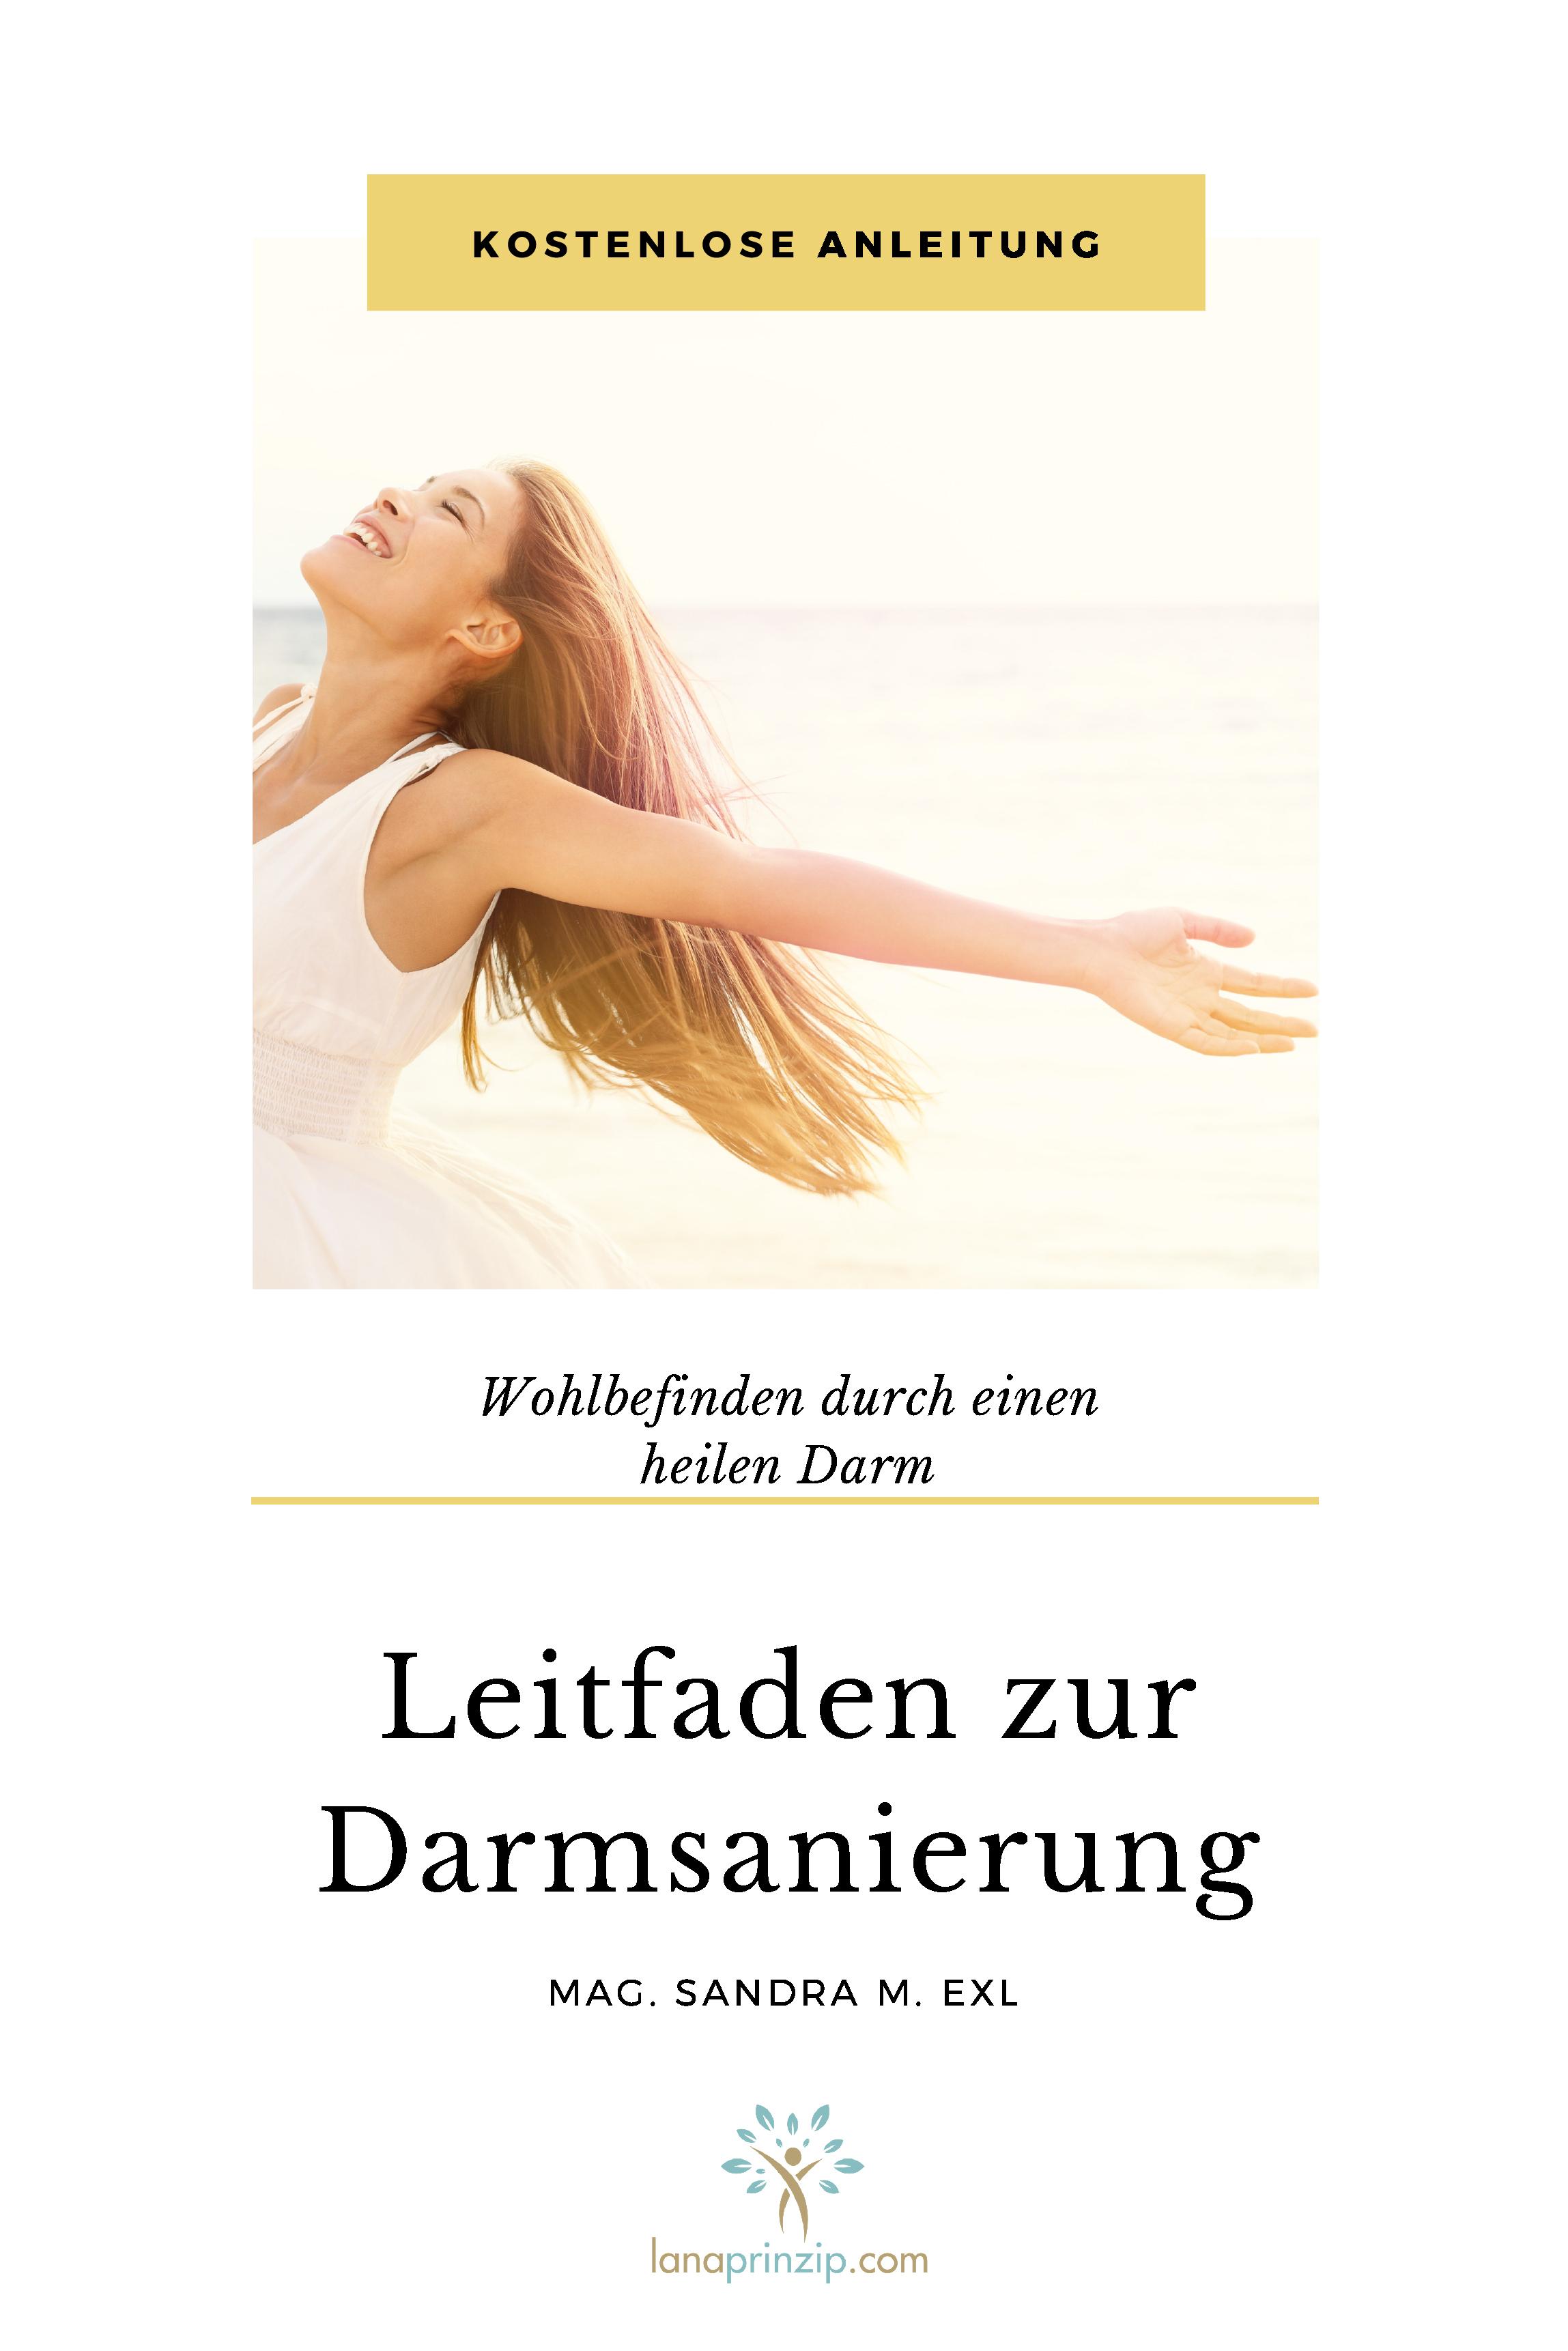 Cover des Booklets Leitfaden zur Darmsanierung von Mag. Sandra M. Exl